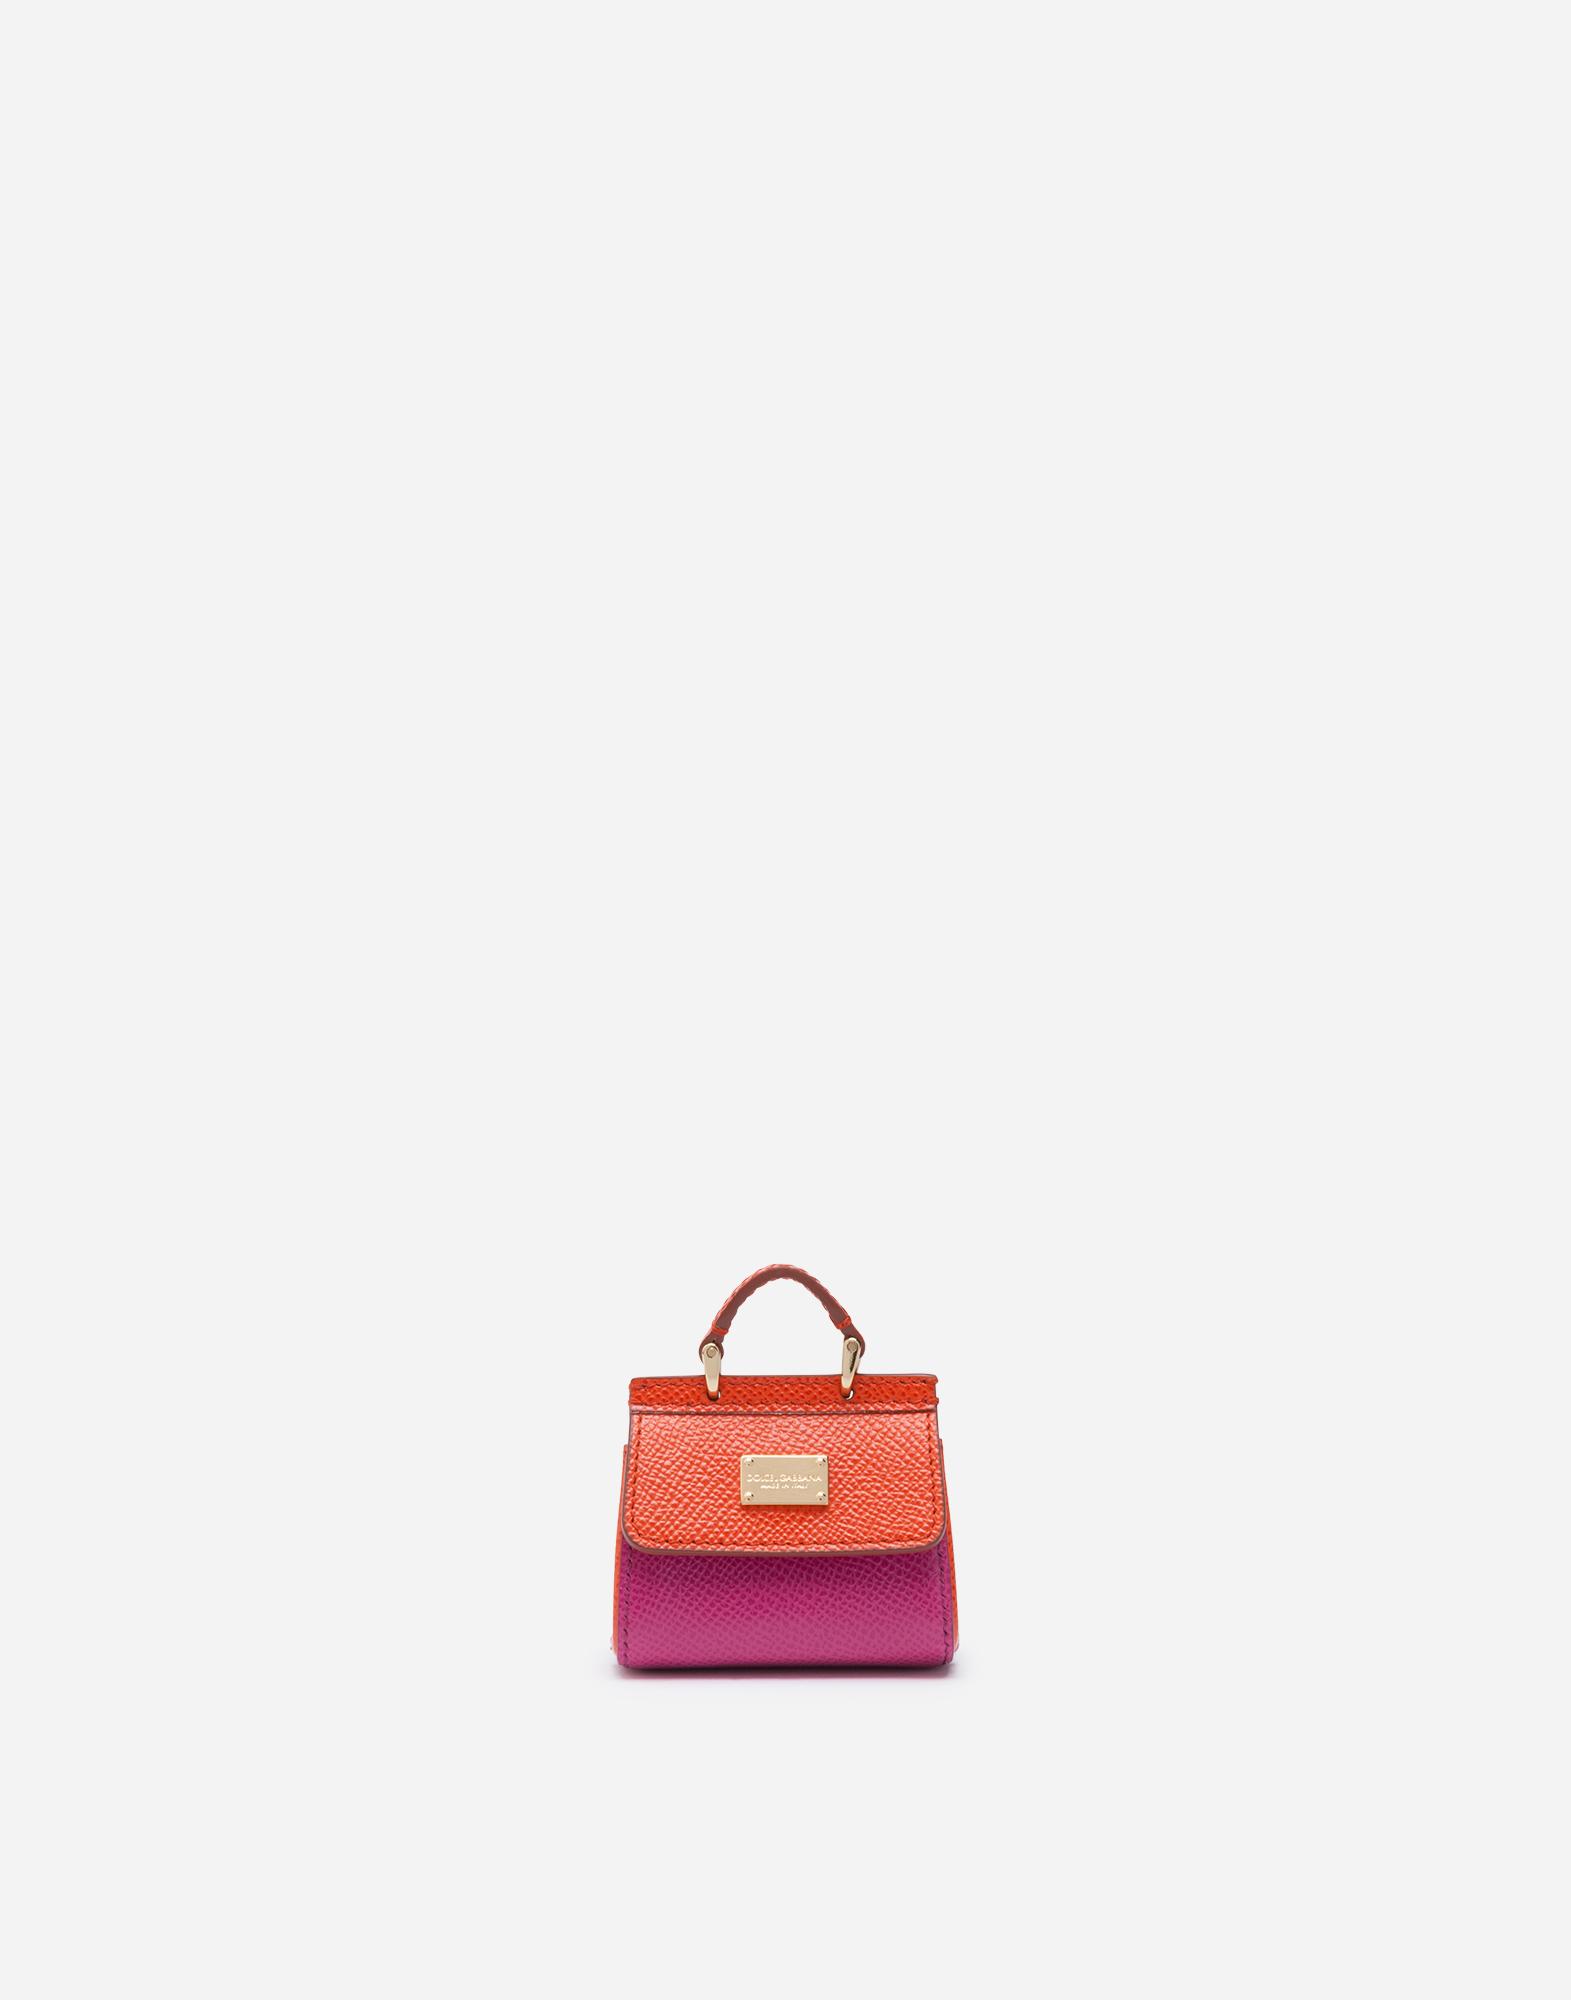 Dolce&Gabbana SICILY CHARM KEY RING